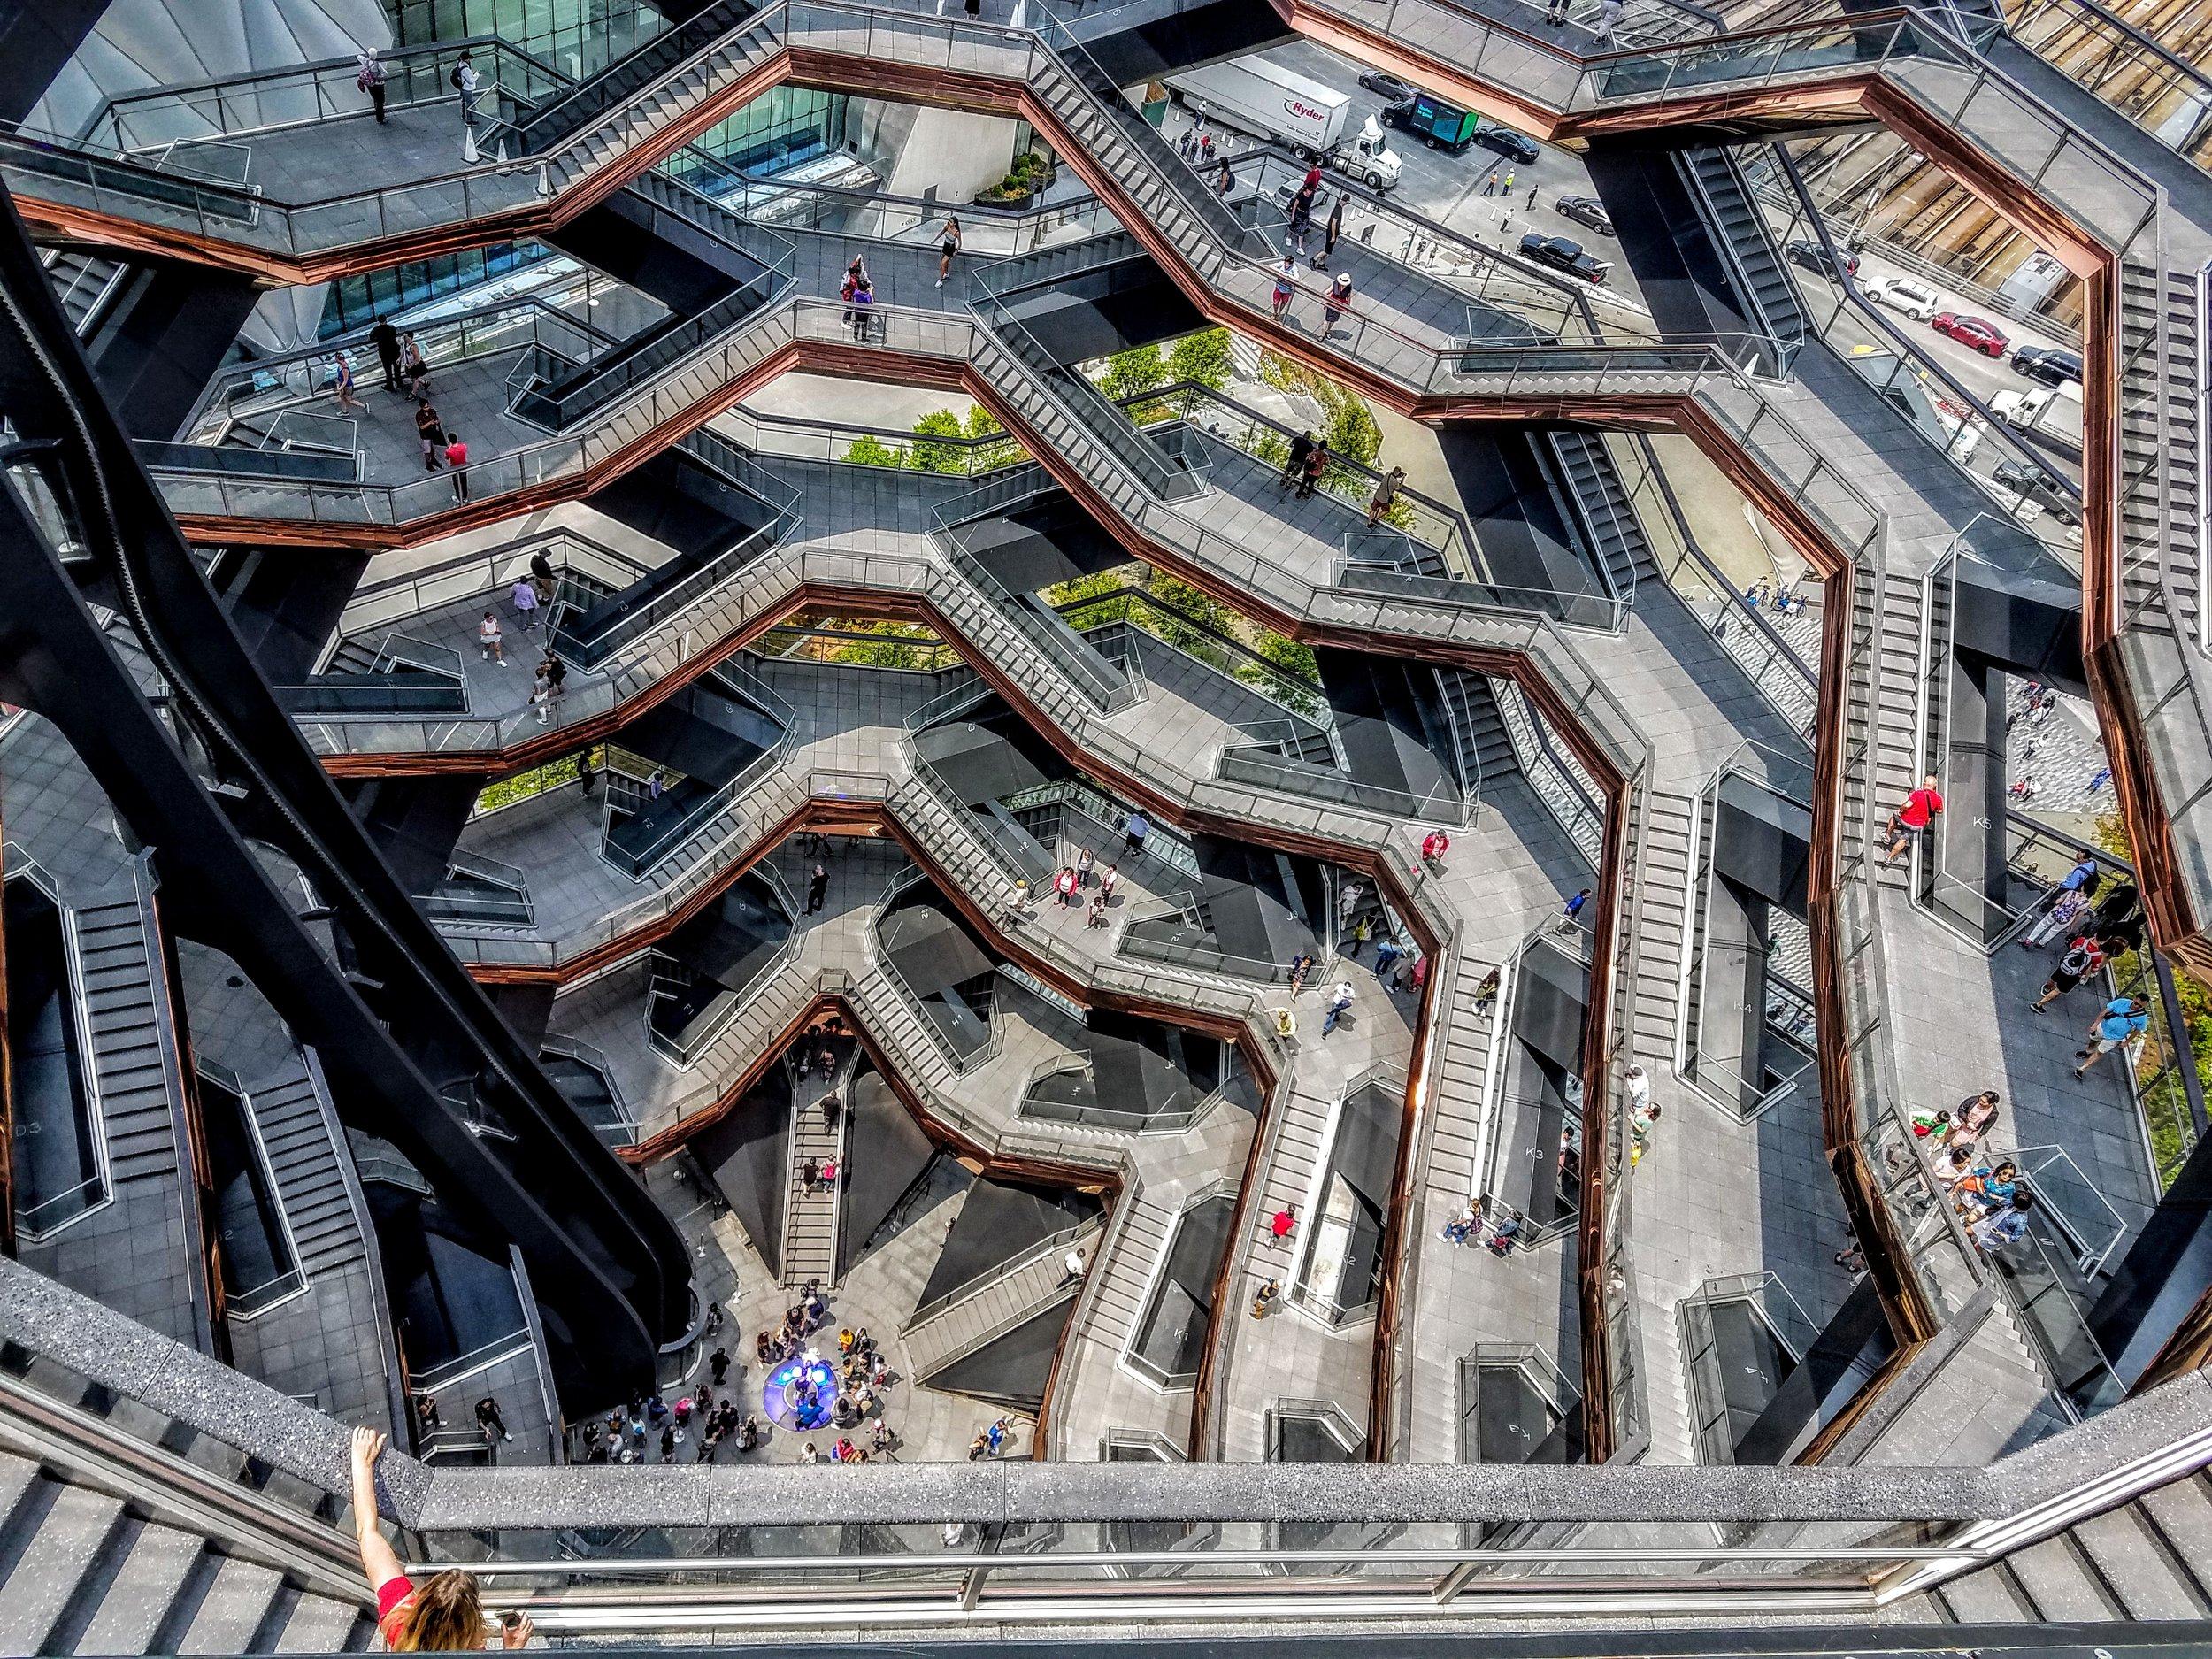 Feeling very 'M.C. Escher'